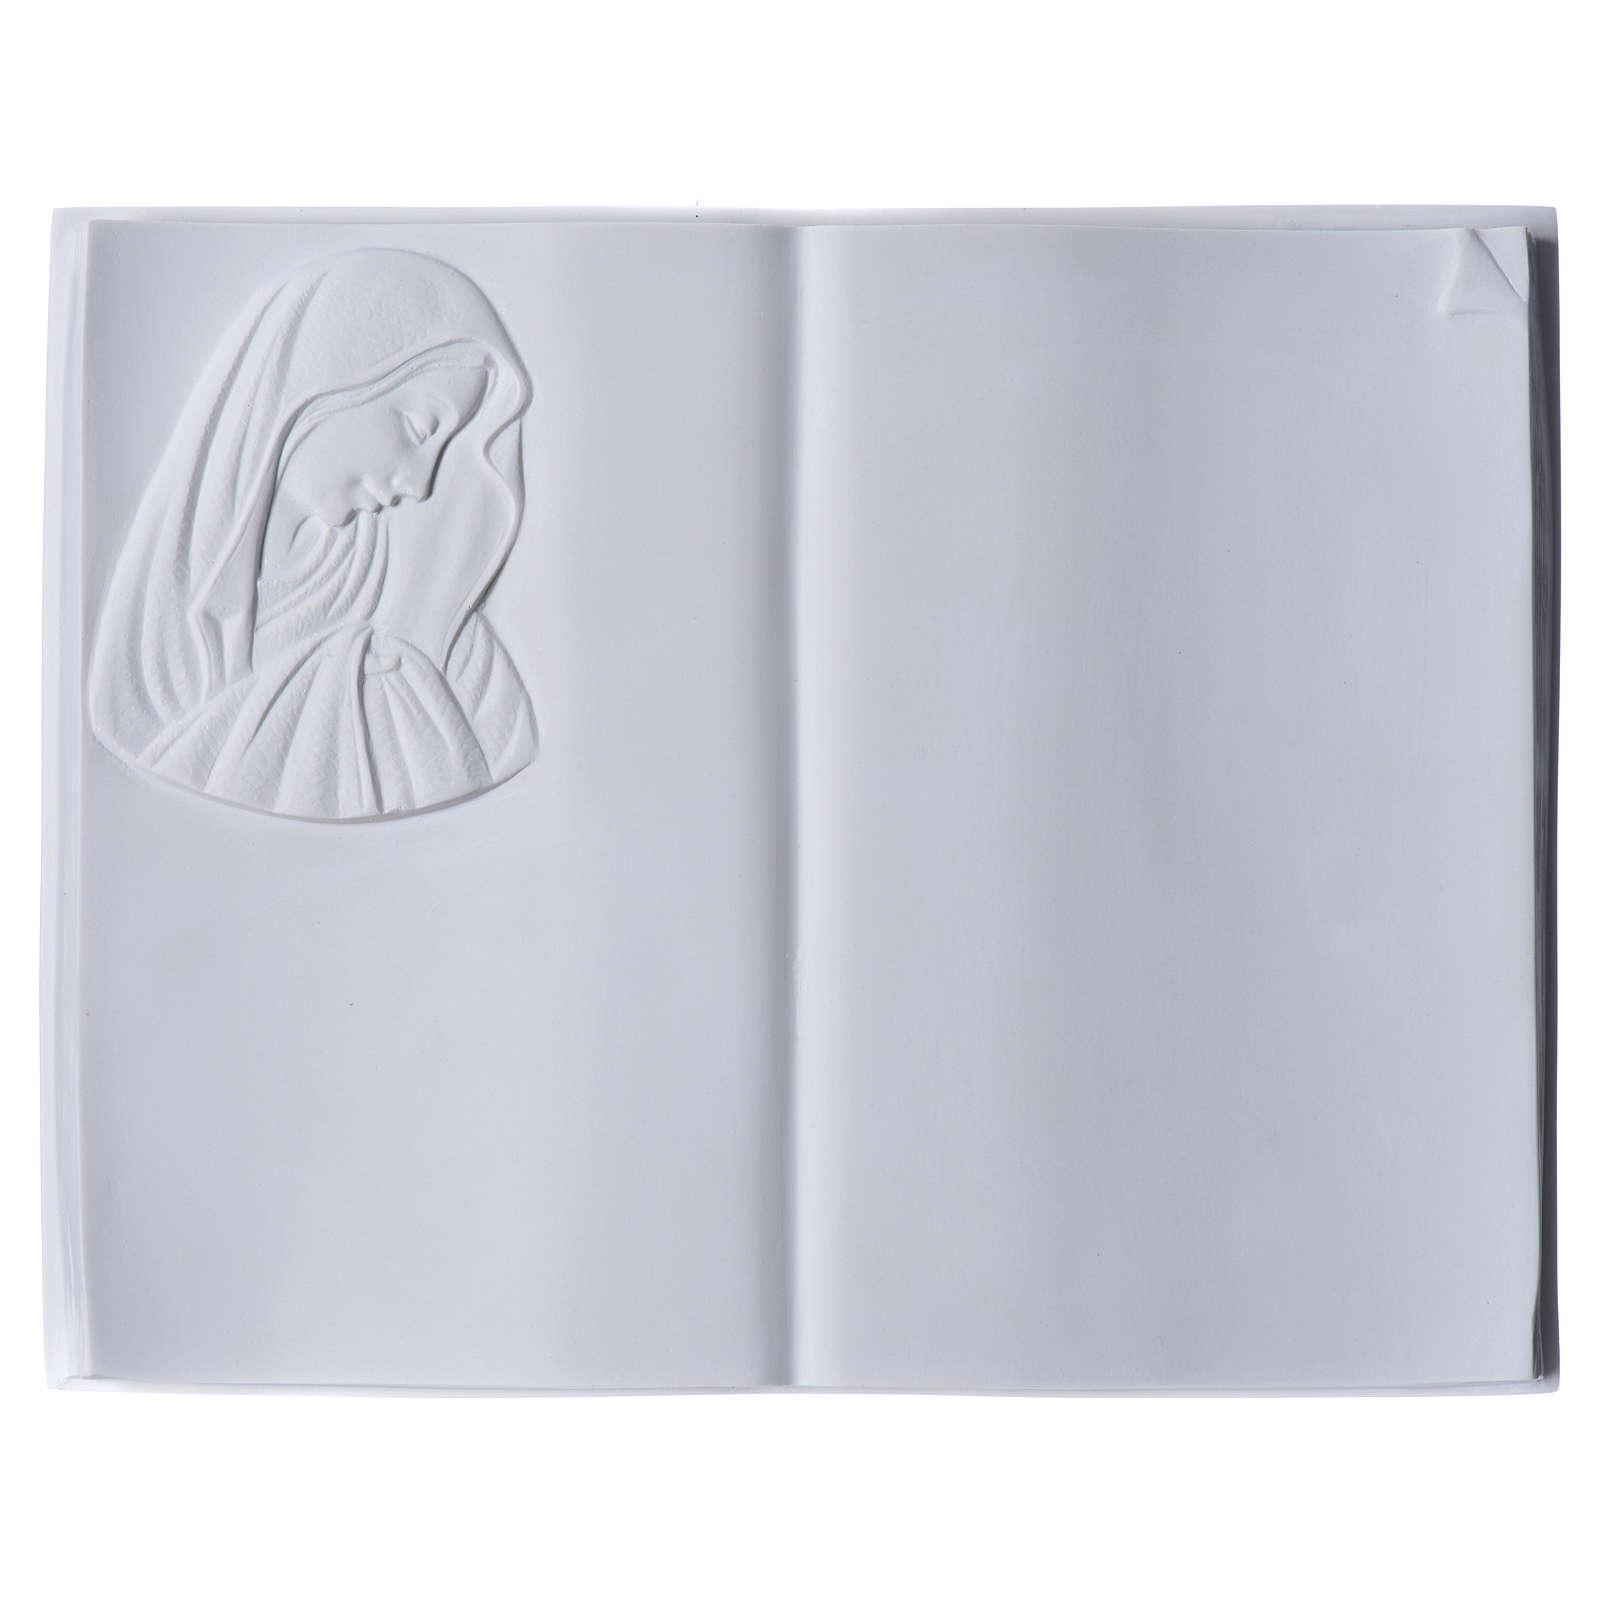 Libro placa para cementerio mármol sintético Virgen María 3